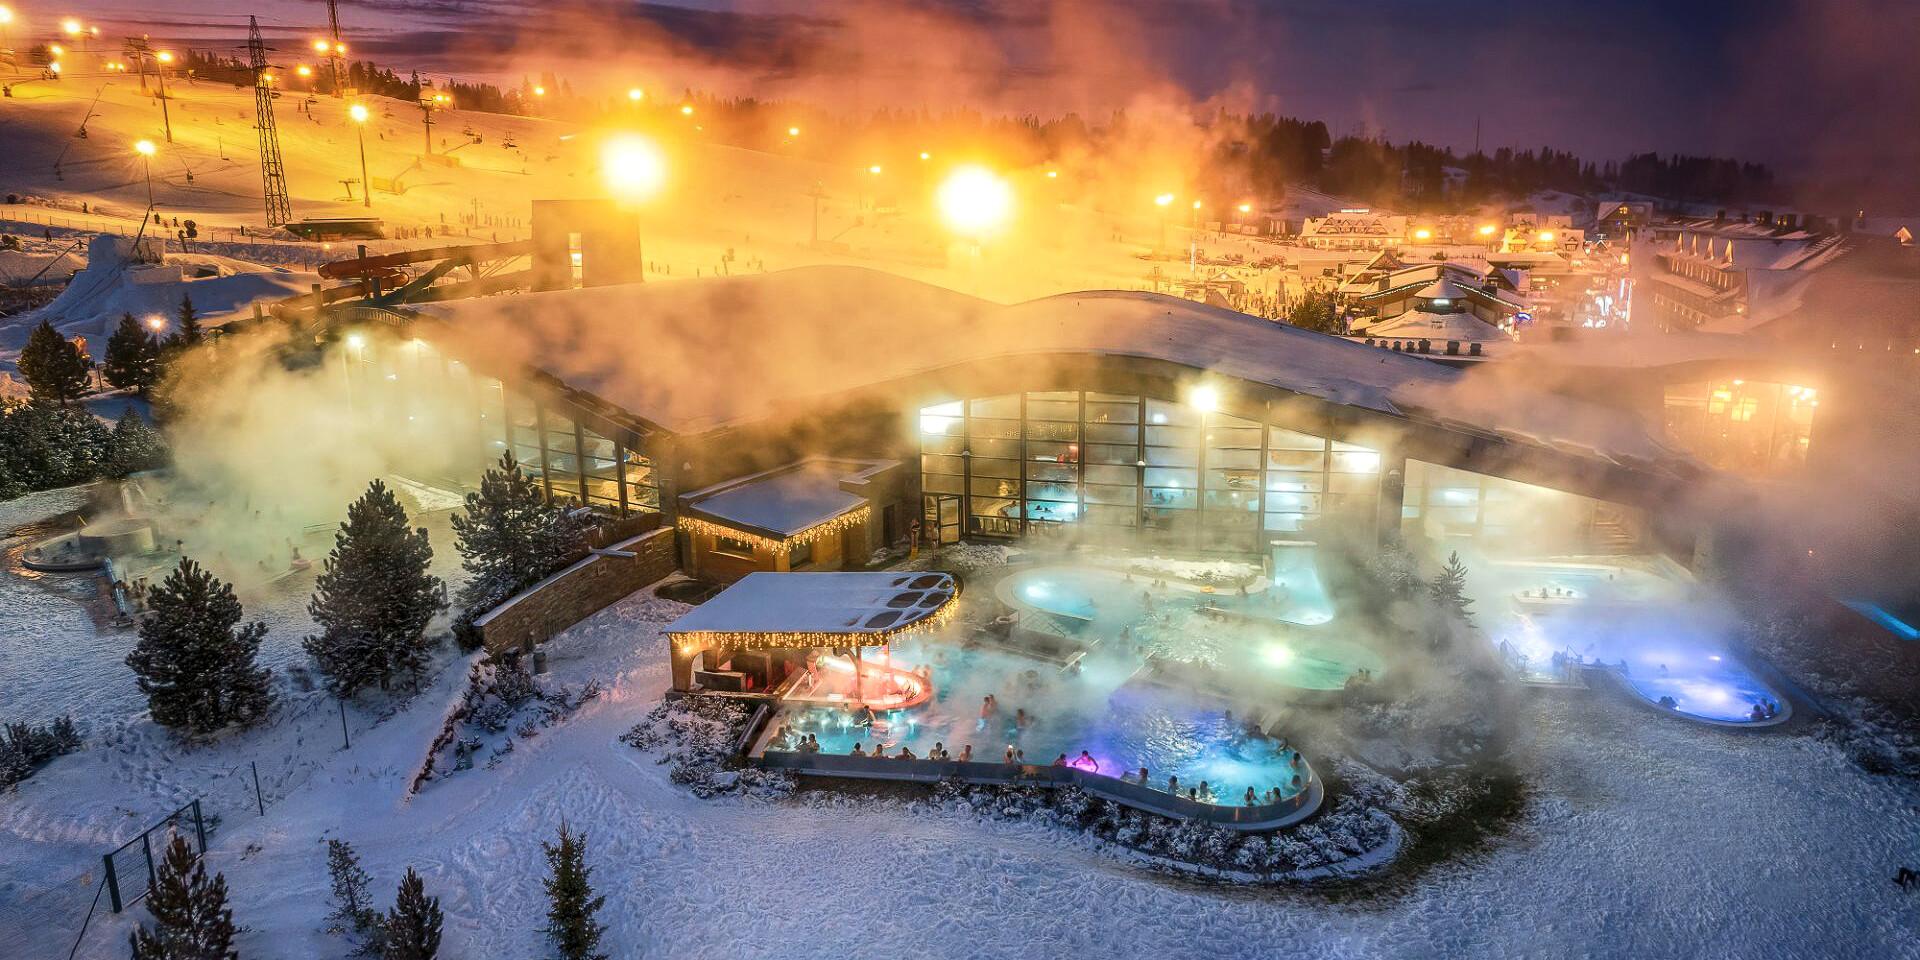 Celodenný vstup do TERMA BANIA - obľúbený aquapark hneď vedľa lyžiarskeho svahu